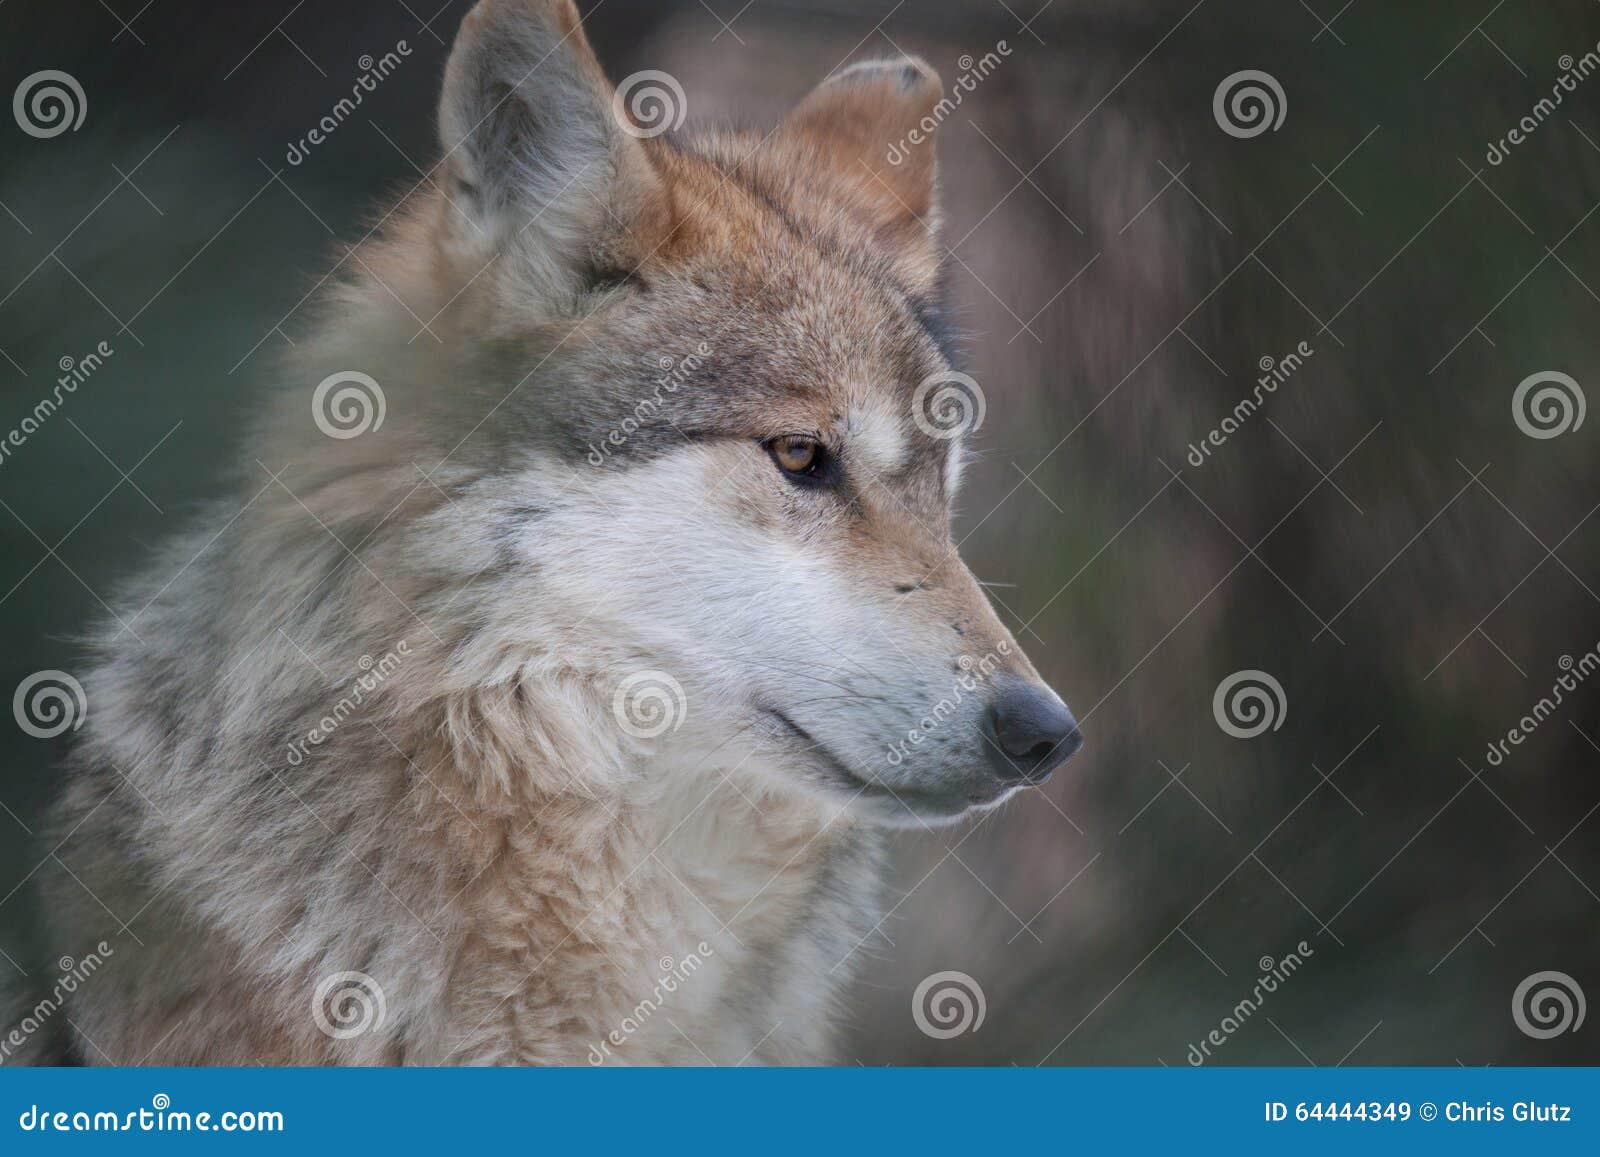 Retrato mexicano del lobo imagen de archivo. Imagen de enmarcado ...